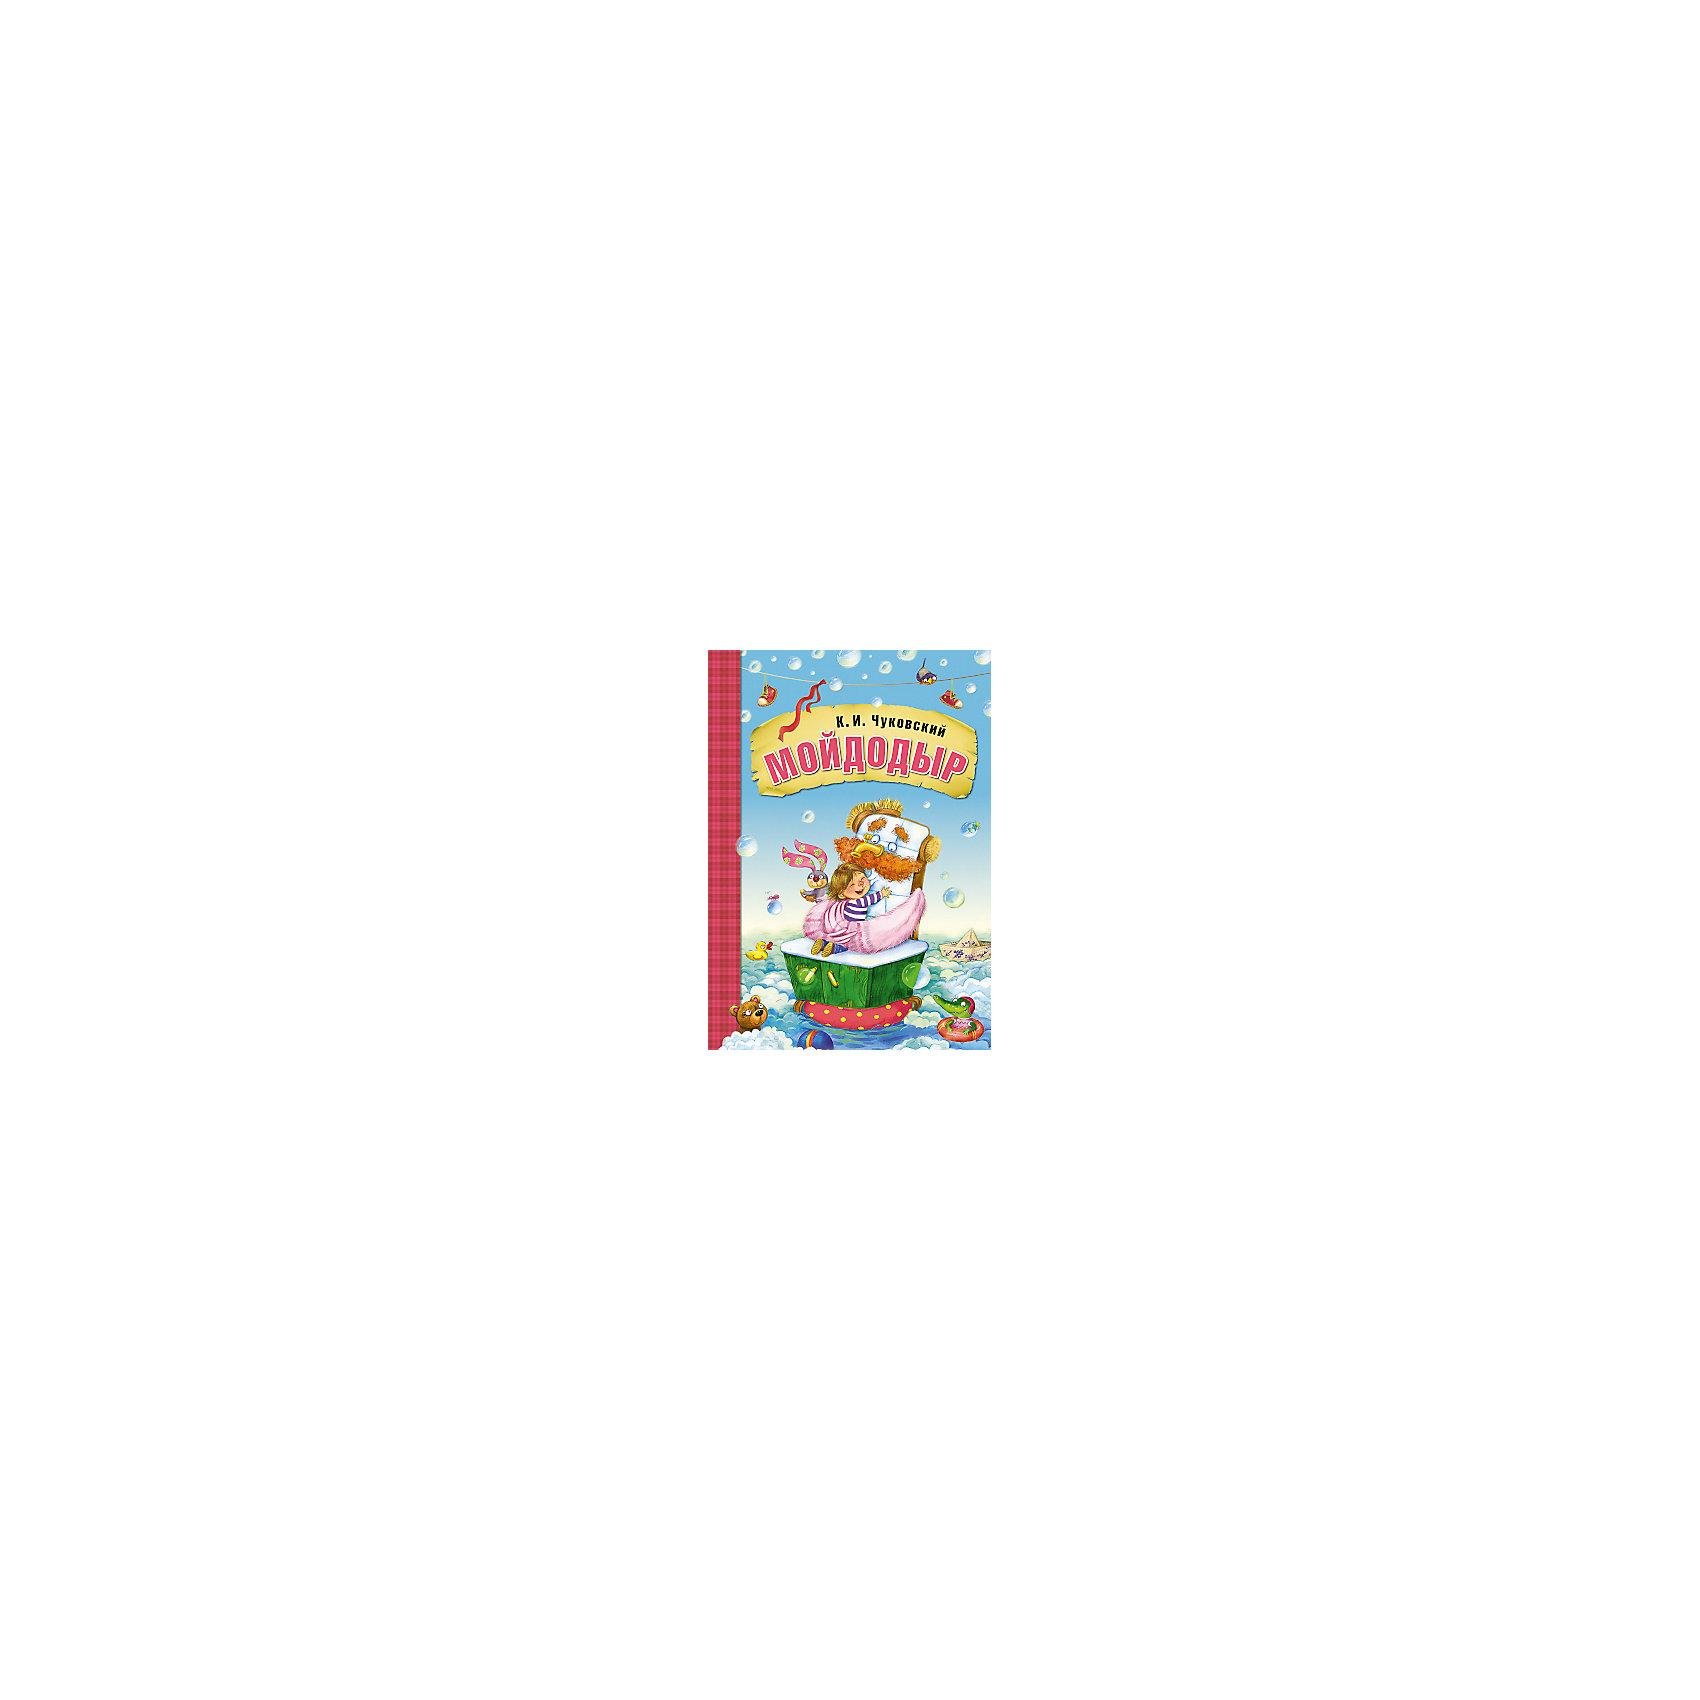 Мойдодыр, К.И. ЧуковскийЧуковский К.И.<br>Сказки К.И. Чуковского Мойдодыр, в мягкой обложке.<br><br>Характеристики:<br><br>• Для детей в возрасте: от 1,5 до 7 лет<br>• Автор: Корней Иванович Чуковский<br>• Художник: Любовь Еремина<br>• Издательство: Мозаика-Синтез<br>• Серия: Любимые сказки К. И. Чуковского. Книги в мягкой обложке<br>• Тип обложки: мягкая обложка<br>• Иллюстрации: цветные<br>• Количество страниц: 16 (мелованная)<br>• Размер: 295х290х2 мм.<br>• Вес: 100 гр.<br>• ISBN: 9785431506918<br><br>Эта замечательная книга обязательно станет любимой книгой вашего малыша! Сказка Корнея Ивановича Чуковского «Мойдодыр» знакома всем с детства. Красочные иллюстрации Л. Ереминой дополняют произведение, превращая ребят в наблюдателей за невероятными событиями, произошедшими с мальчиком-грязнулей. Ритмичные стихотворные строчки Корнея Чуковского понятны детям и просты для запоминания. Книгу в мягкой обложке легко взять с собой в гости, в поездку, на дачу или в детский сад - любимая сказка будет сопровождать вашего малыша повсюду!<br><br>Книгу в мягкой обложке Сказки К.И. Чуковского Мойдодыр можно купить в нашем интернет-магазине.<br><br>Ширина мм: 200<br>Глубина мм: 205<br>Высота мм: 290<br>Вес г: 100<br>Возраст от месяцев: 12<br>Возраст до месяцев: 84<br>Пол: Унисекс<br>Возраст: Детский<br>SKU: 5523230